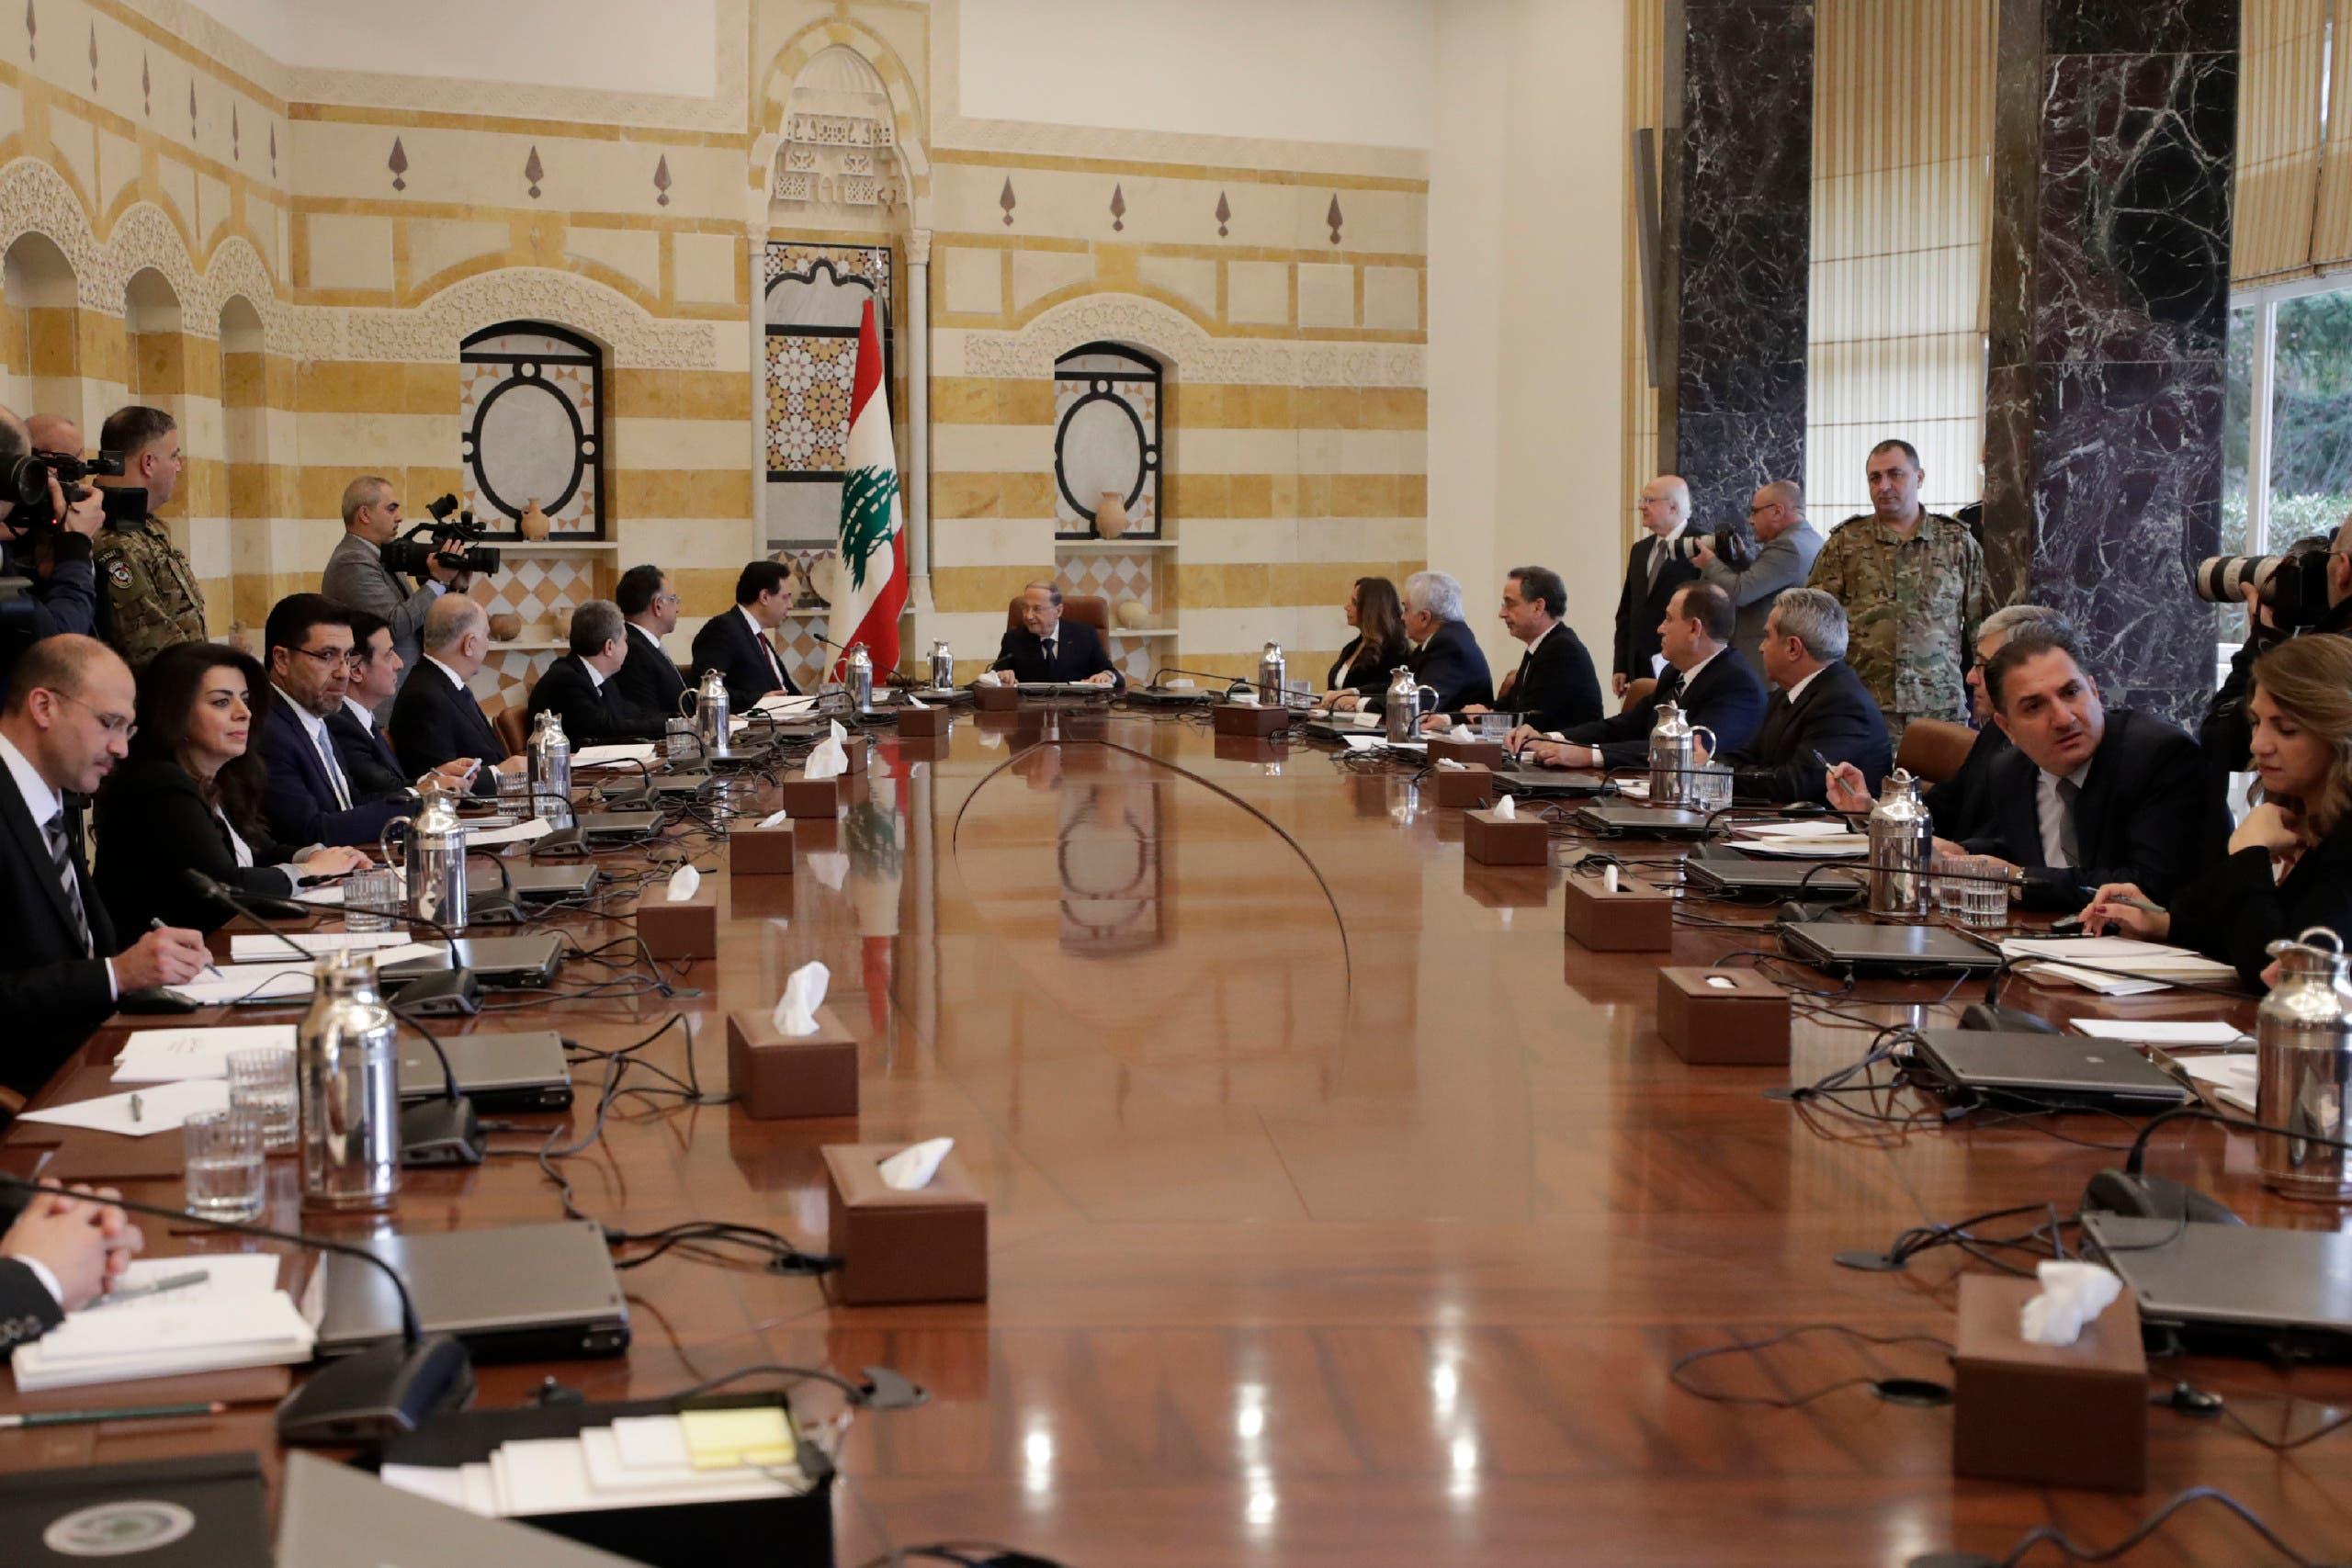 أول اجتماع للحكومة اللبنانية برئاسة الرئيس ميشال عون